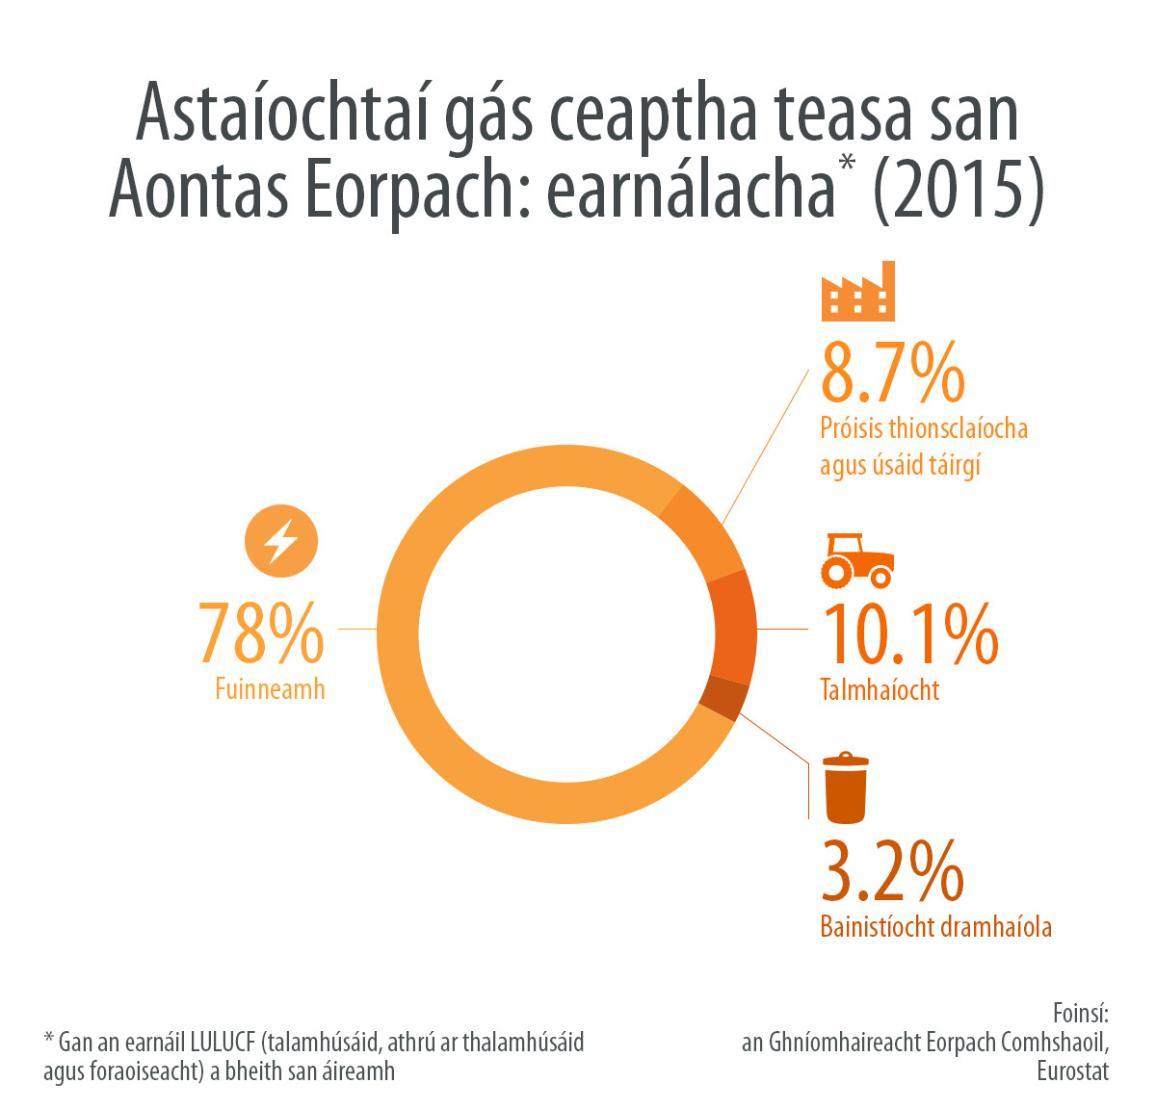 Astaíochtaí gás ceaptha teasa san Aontas Eorpacha: earnálacha